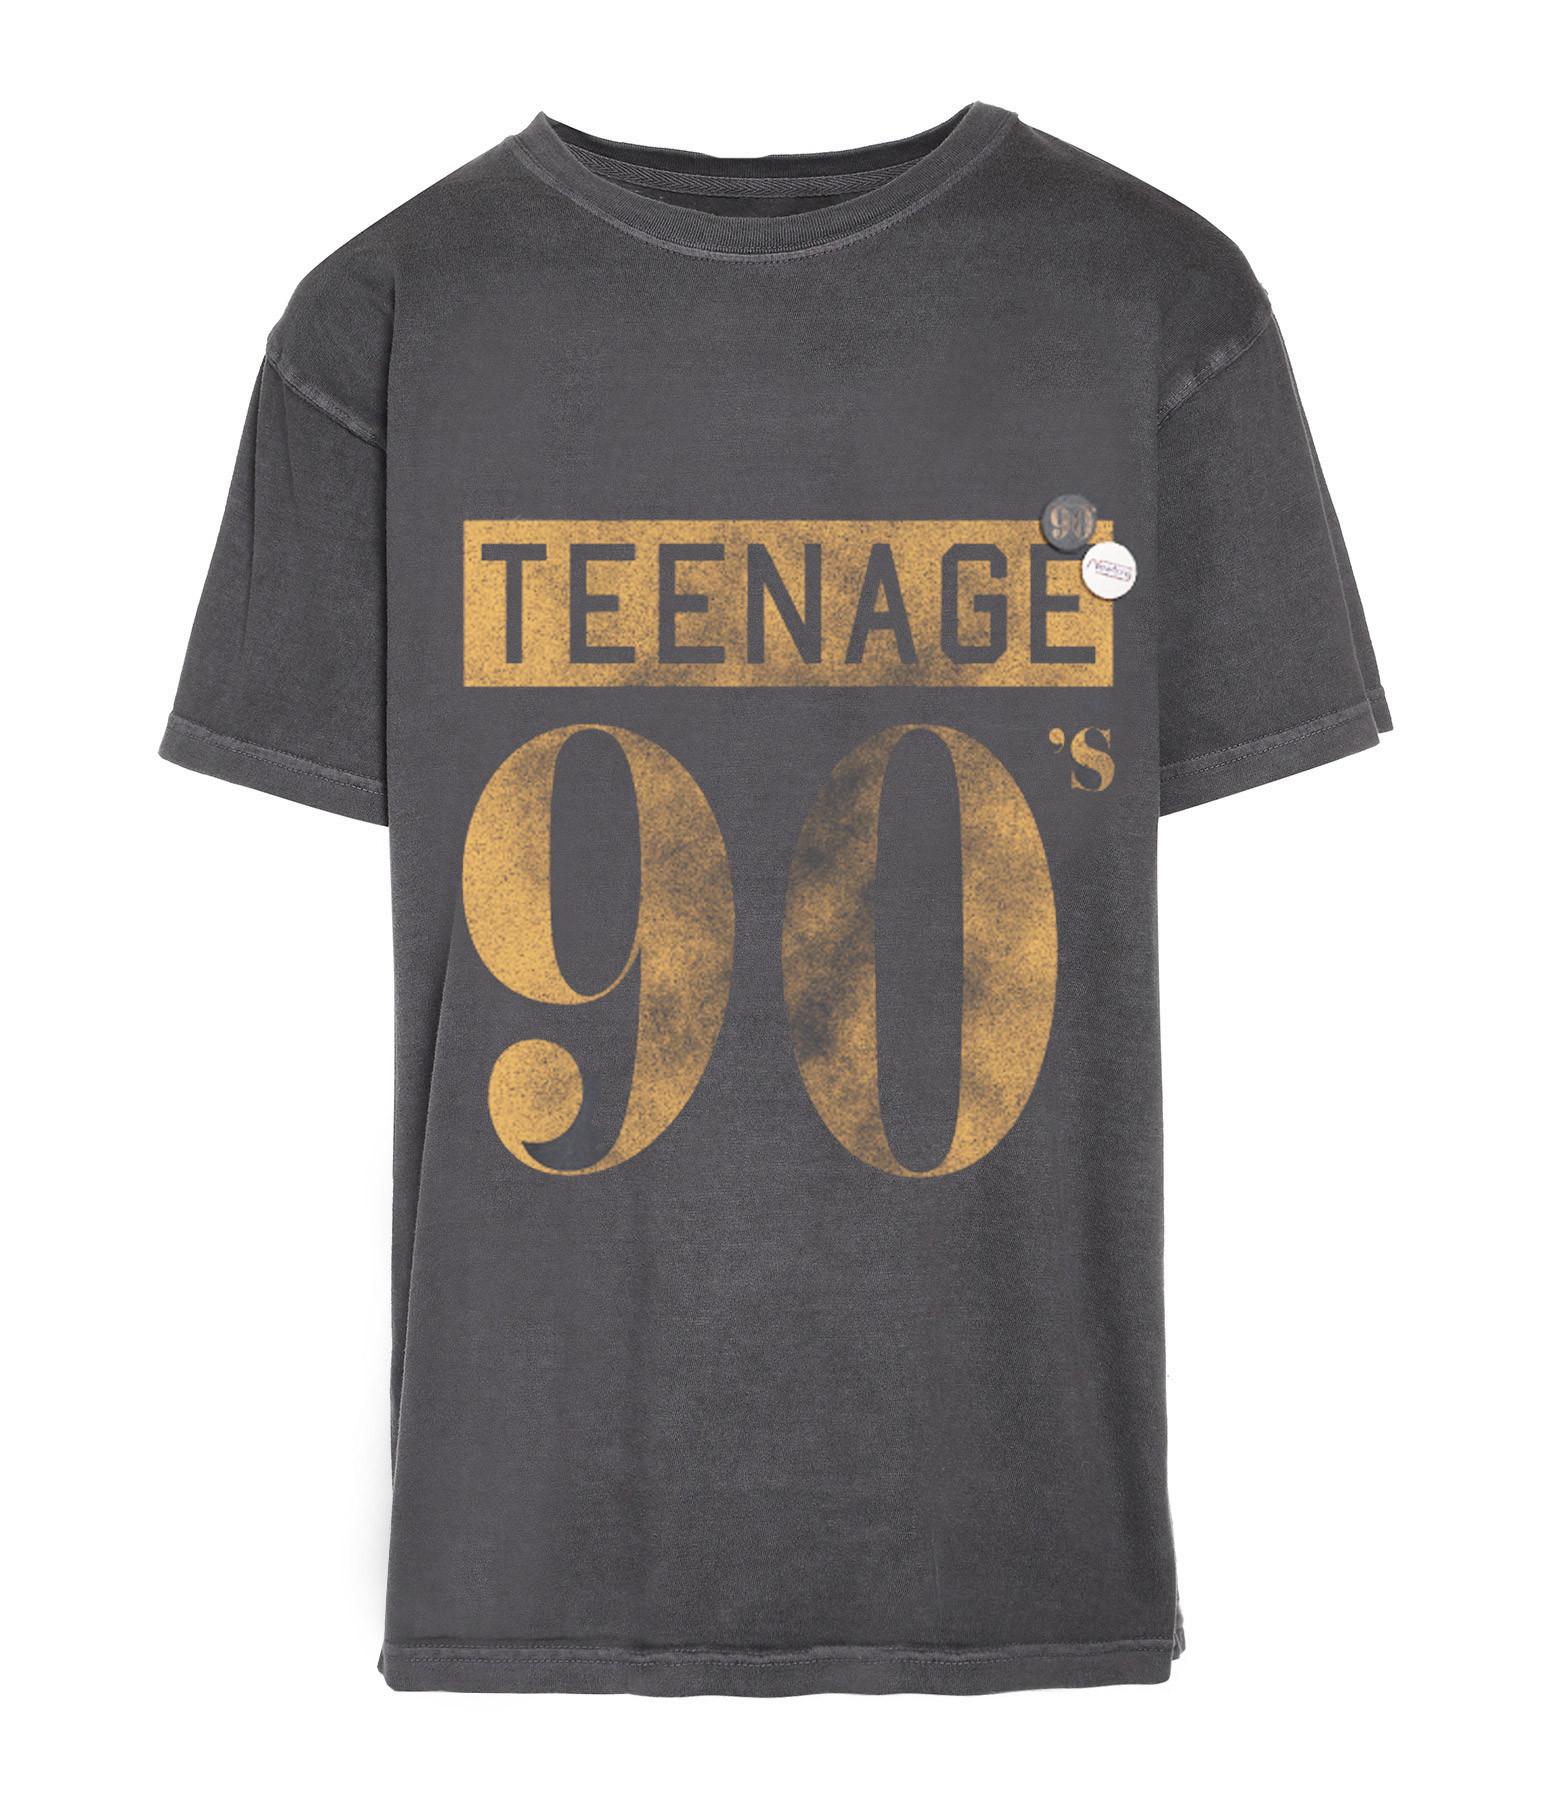 NEWTONE - Tee-shirt Teenage Coton Pepper